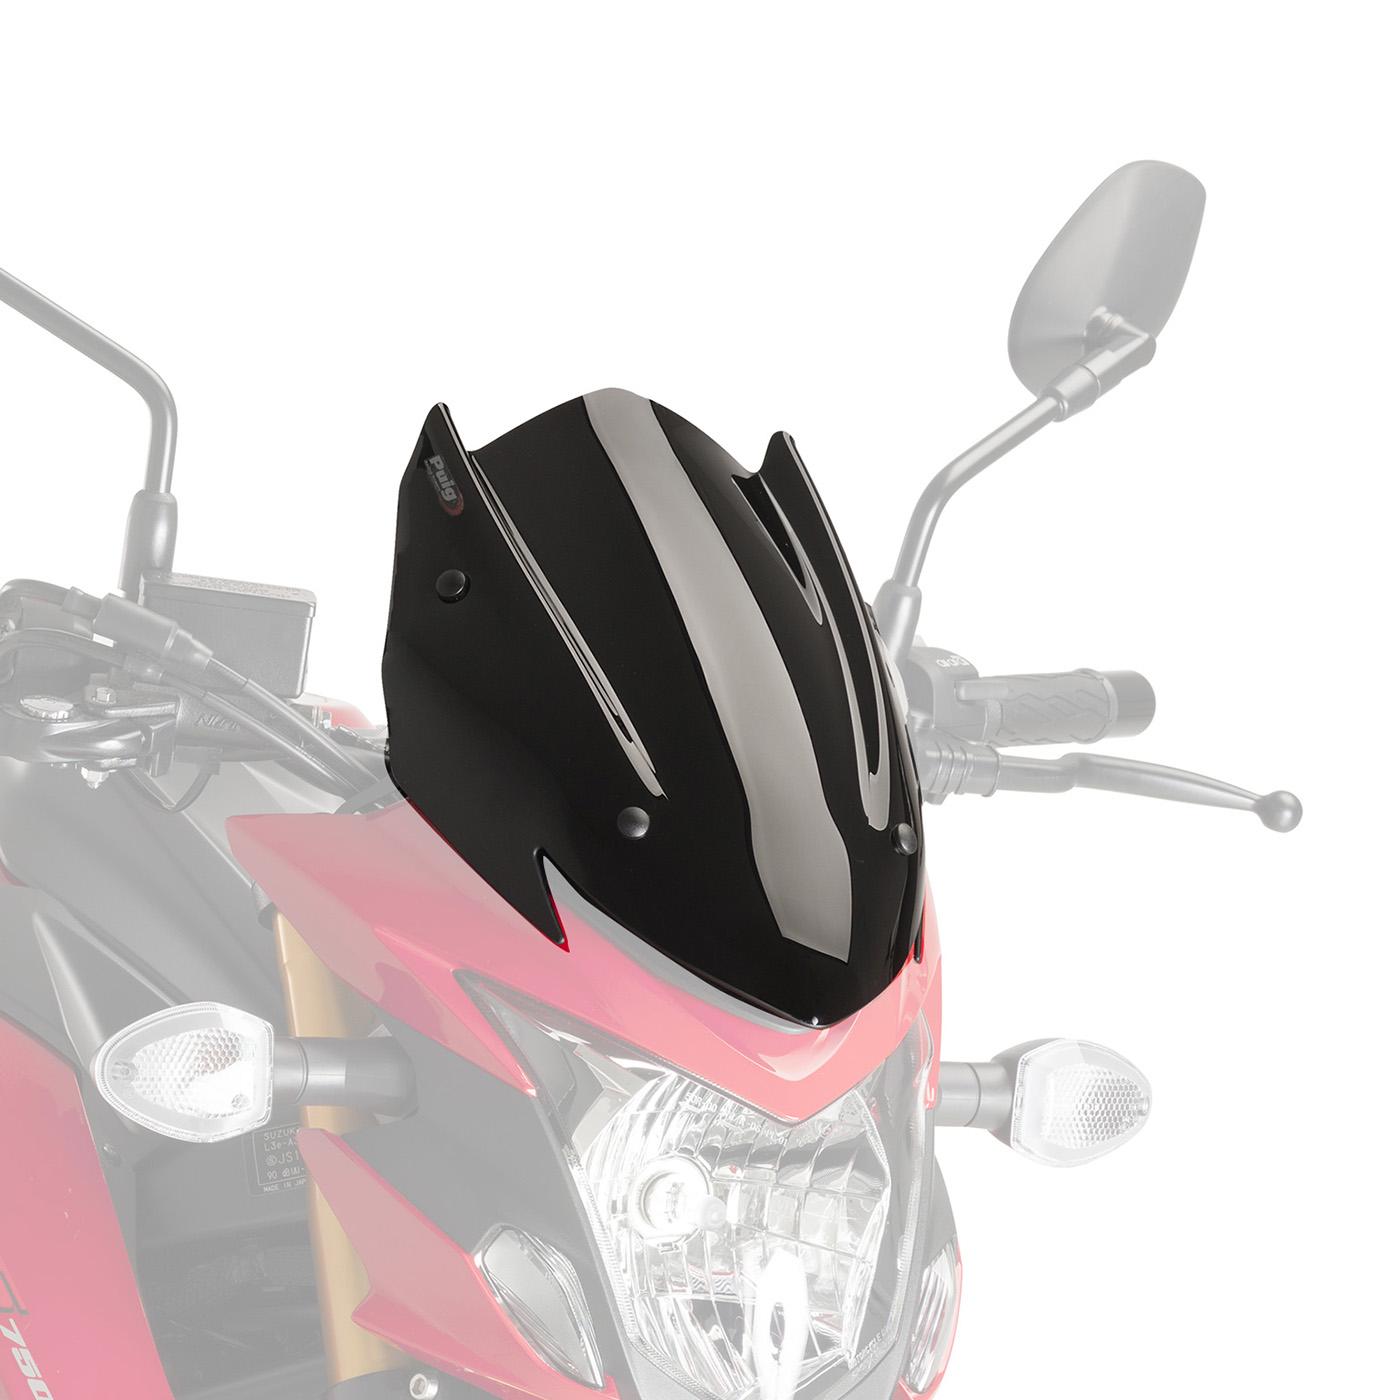 Cúpula Puig Yamaha MT-03 Naked New Generation Touring